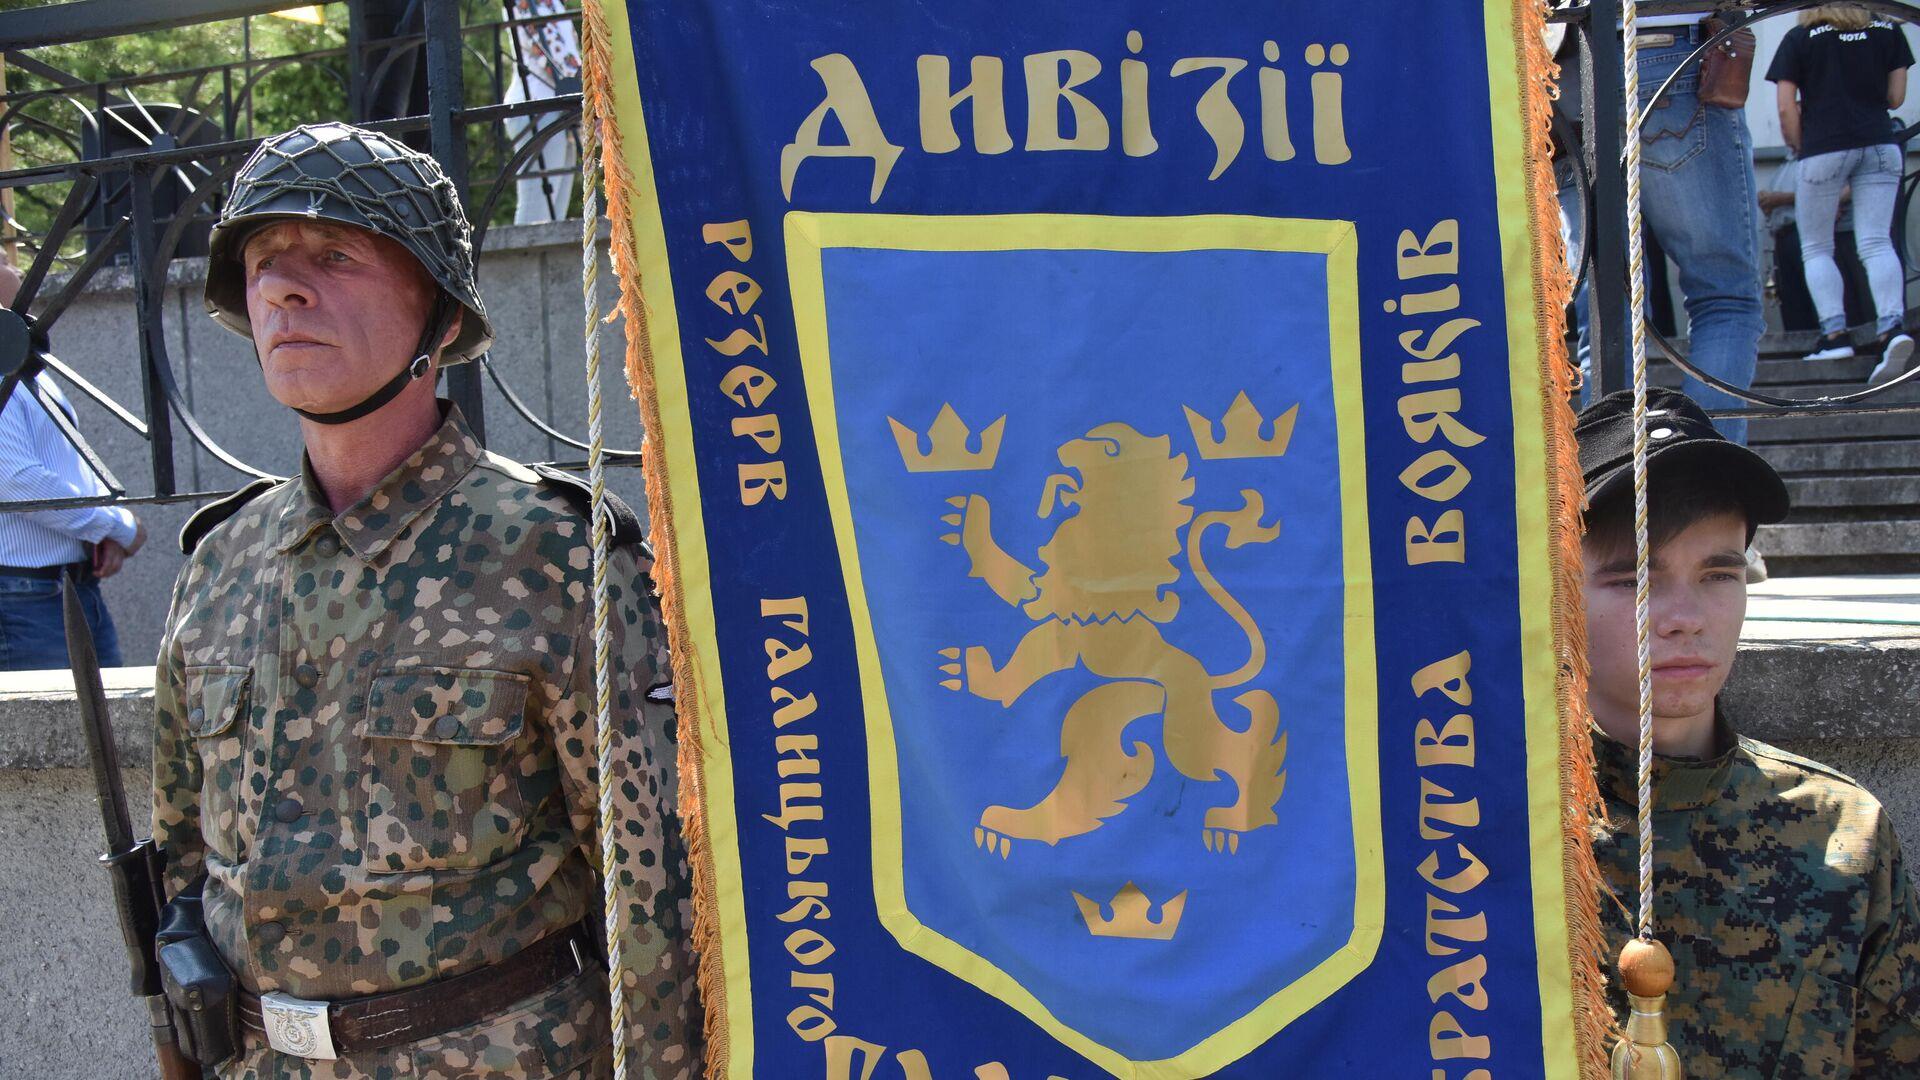 Emblema de la División Galizien de las Waffen-SS en un acto conmemorativo de la Batalla de Brody, en Ucrania, el 28 de julio de 2019 - Sputnik Mundo, 1920, 01.05.2021